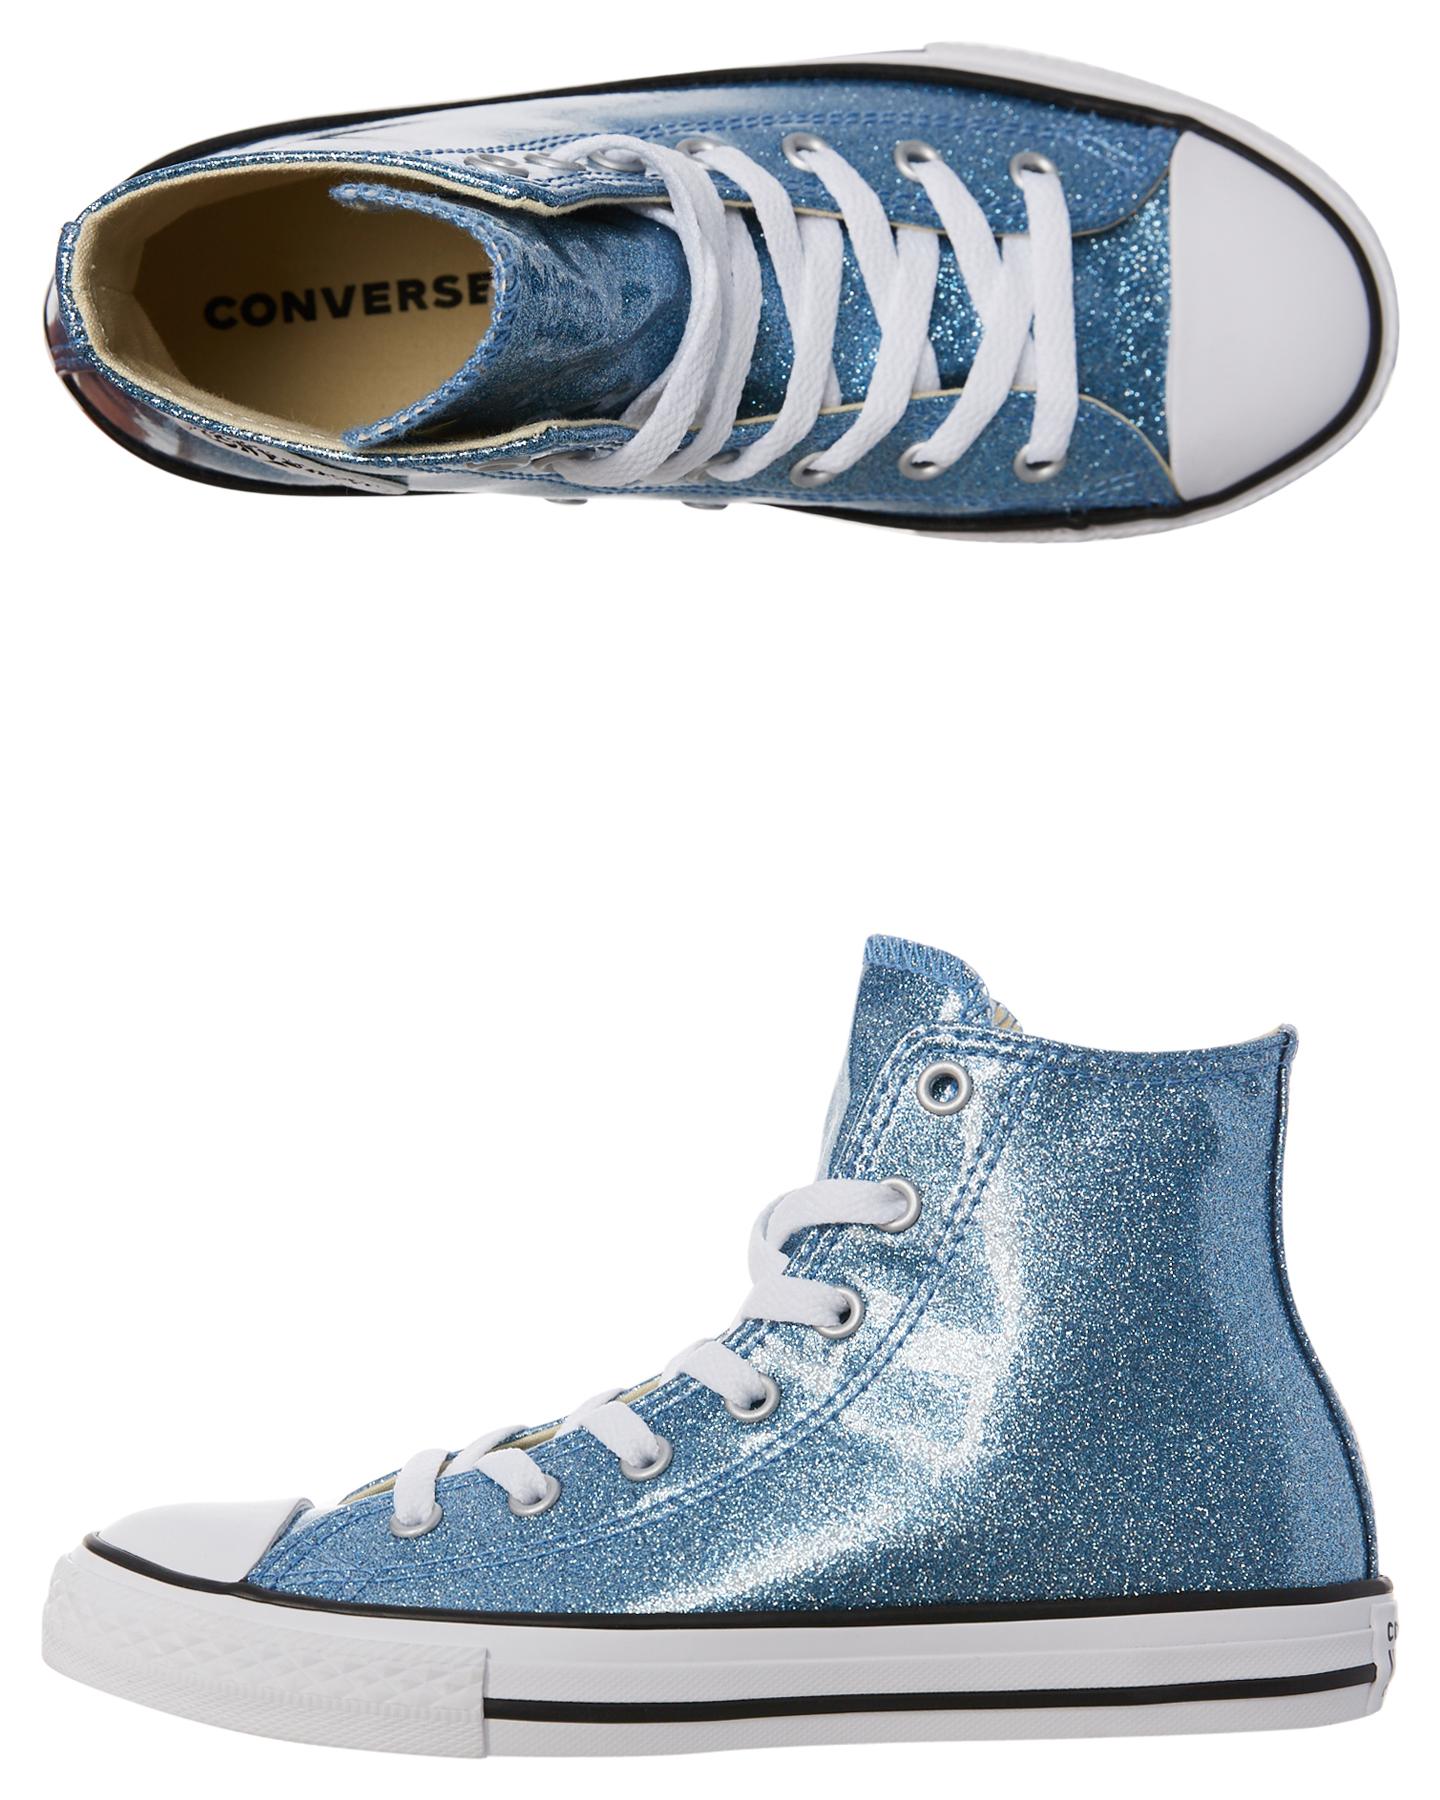 Converse Chuck Taylor All Star Hi Glitter Shoe Light Blue